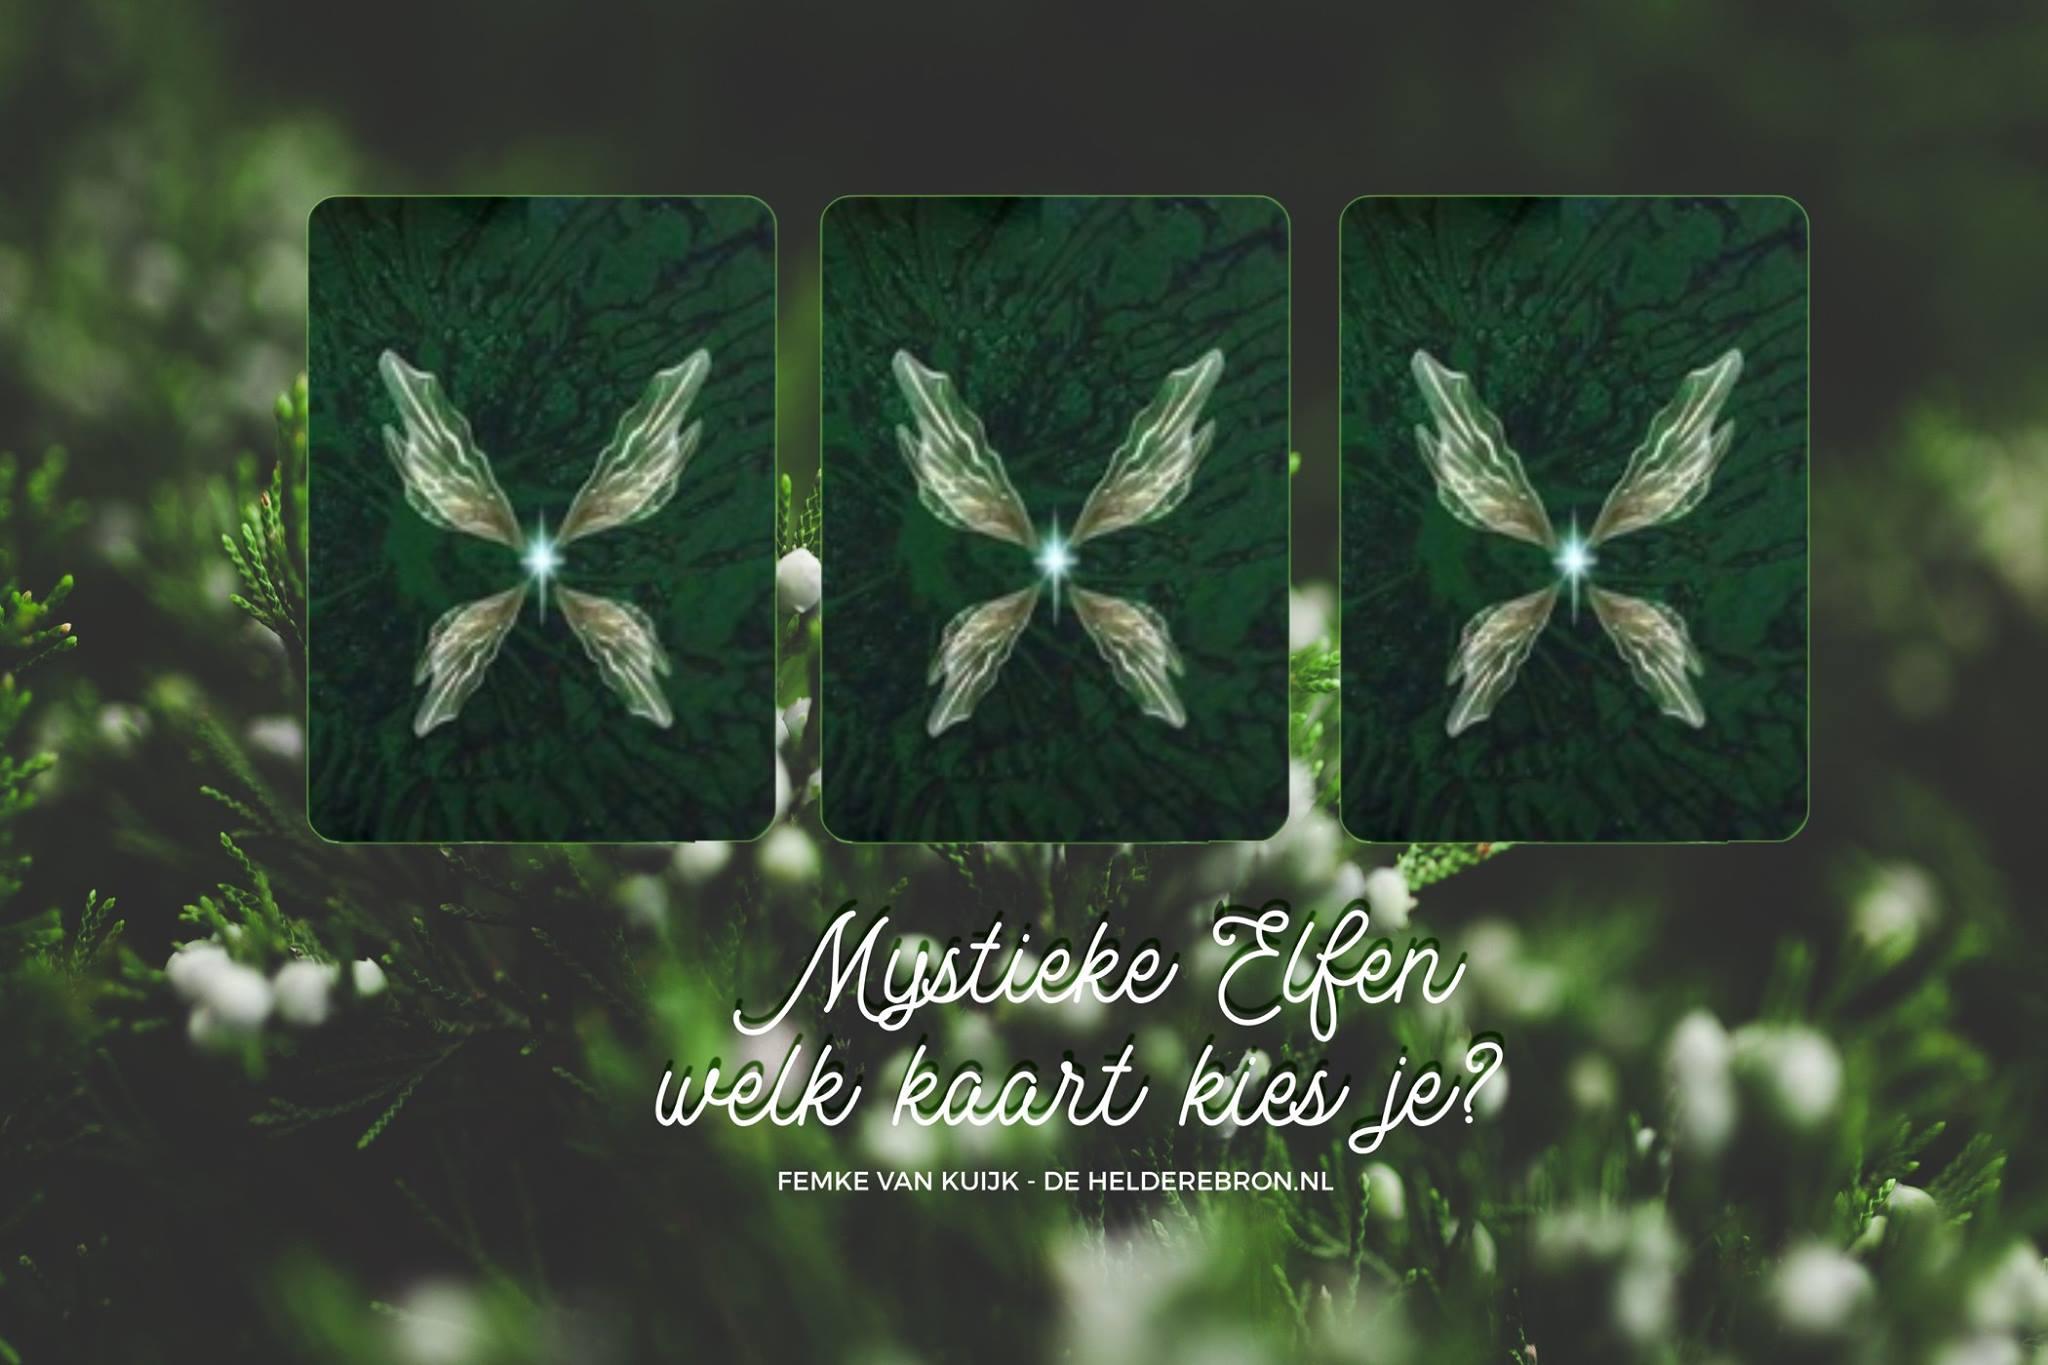 Boodschap van de Mystieke Elfen 19 decemeber